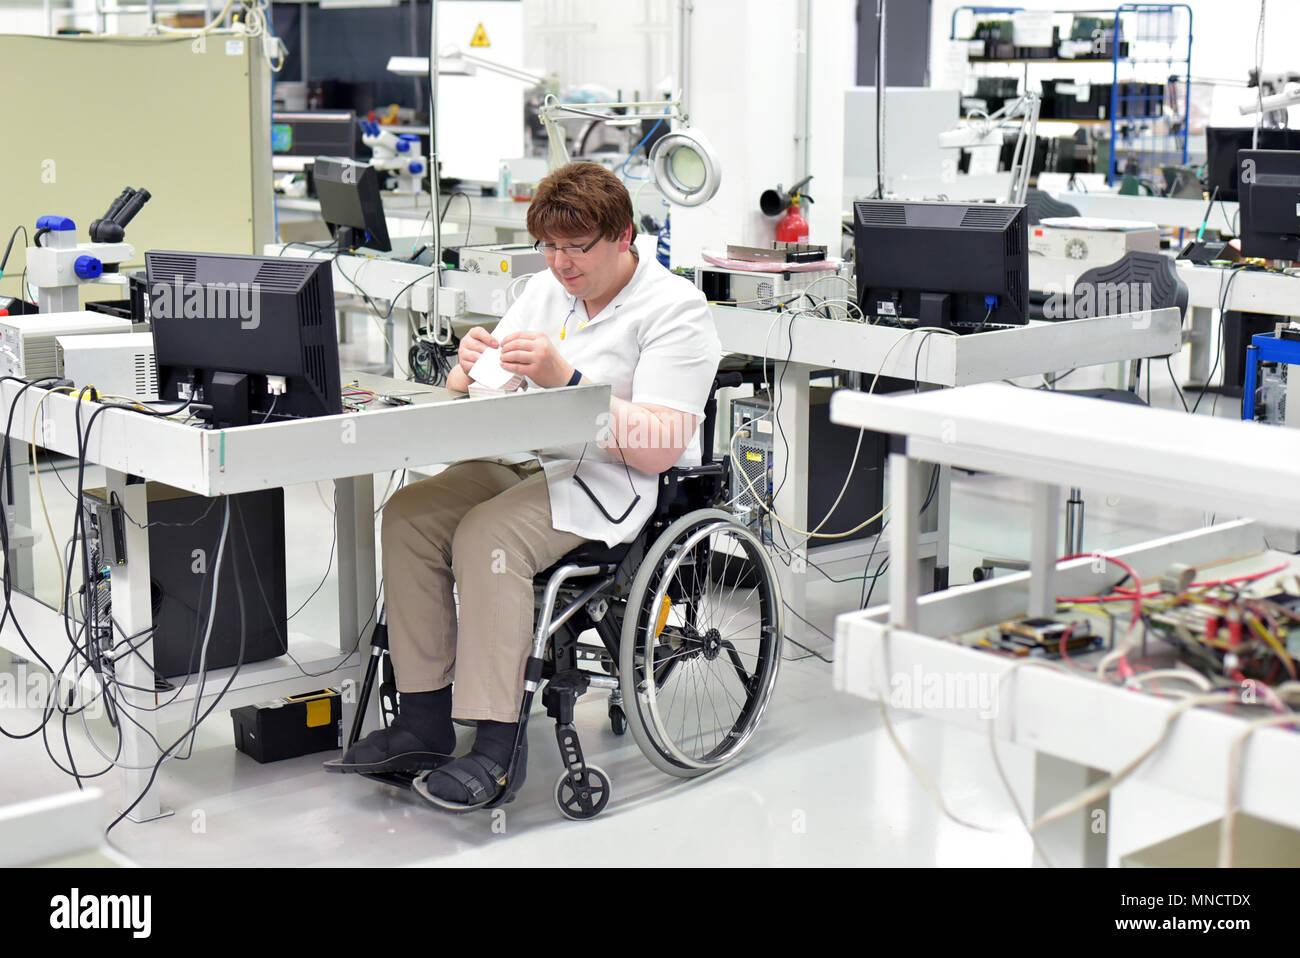 Travailleur handicapé dans un fauteuil roulant l'assemblage de composants électroniques dans une usine moderne sur le lieu de travail Photo Stock